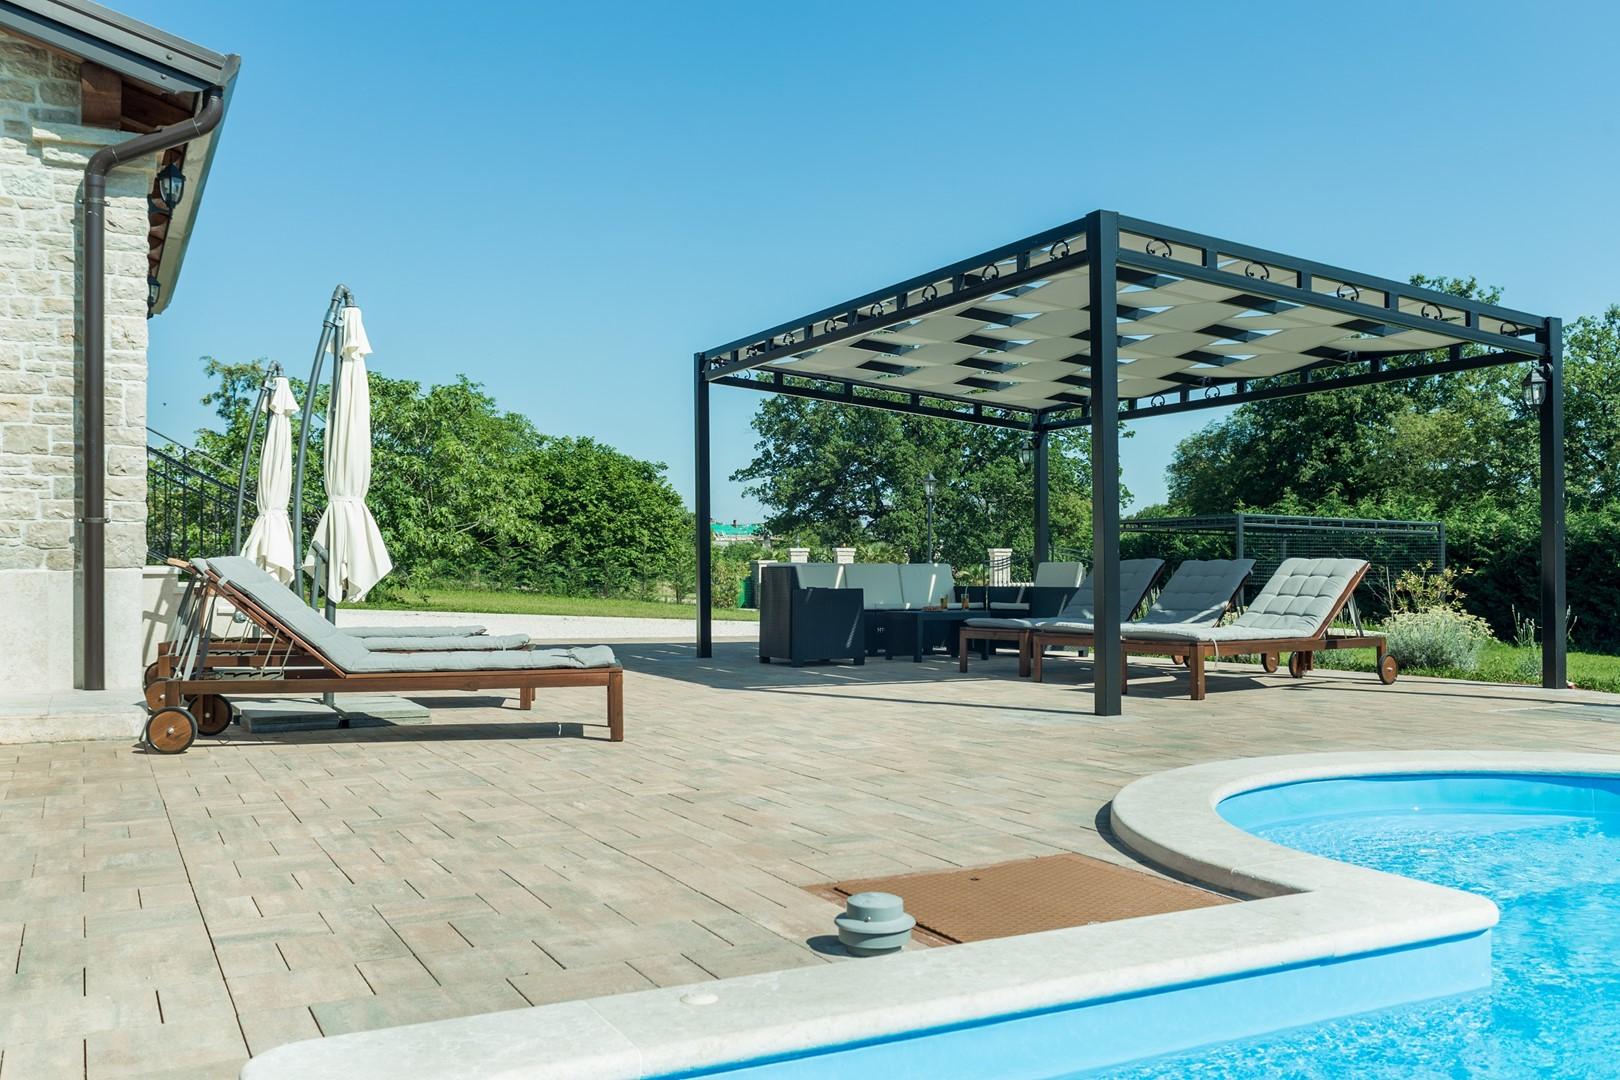 Ferienhaus Villa Elida mit Pool in abgelegene Lage - Zentral-Istrien (2789996), Pazin, , Istrien, Kroatien, Bild 6